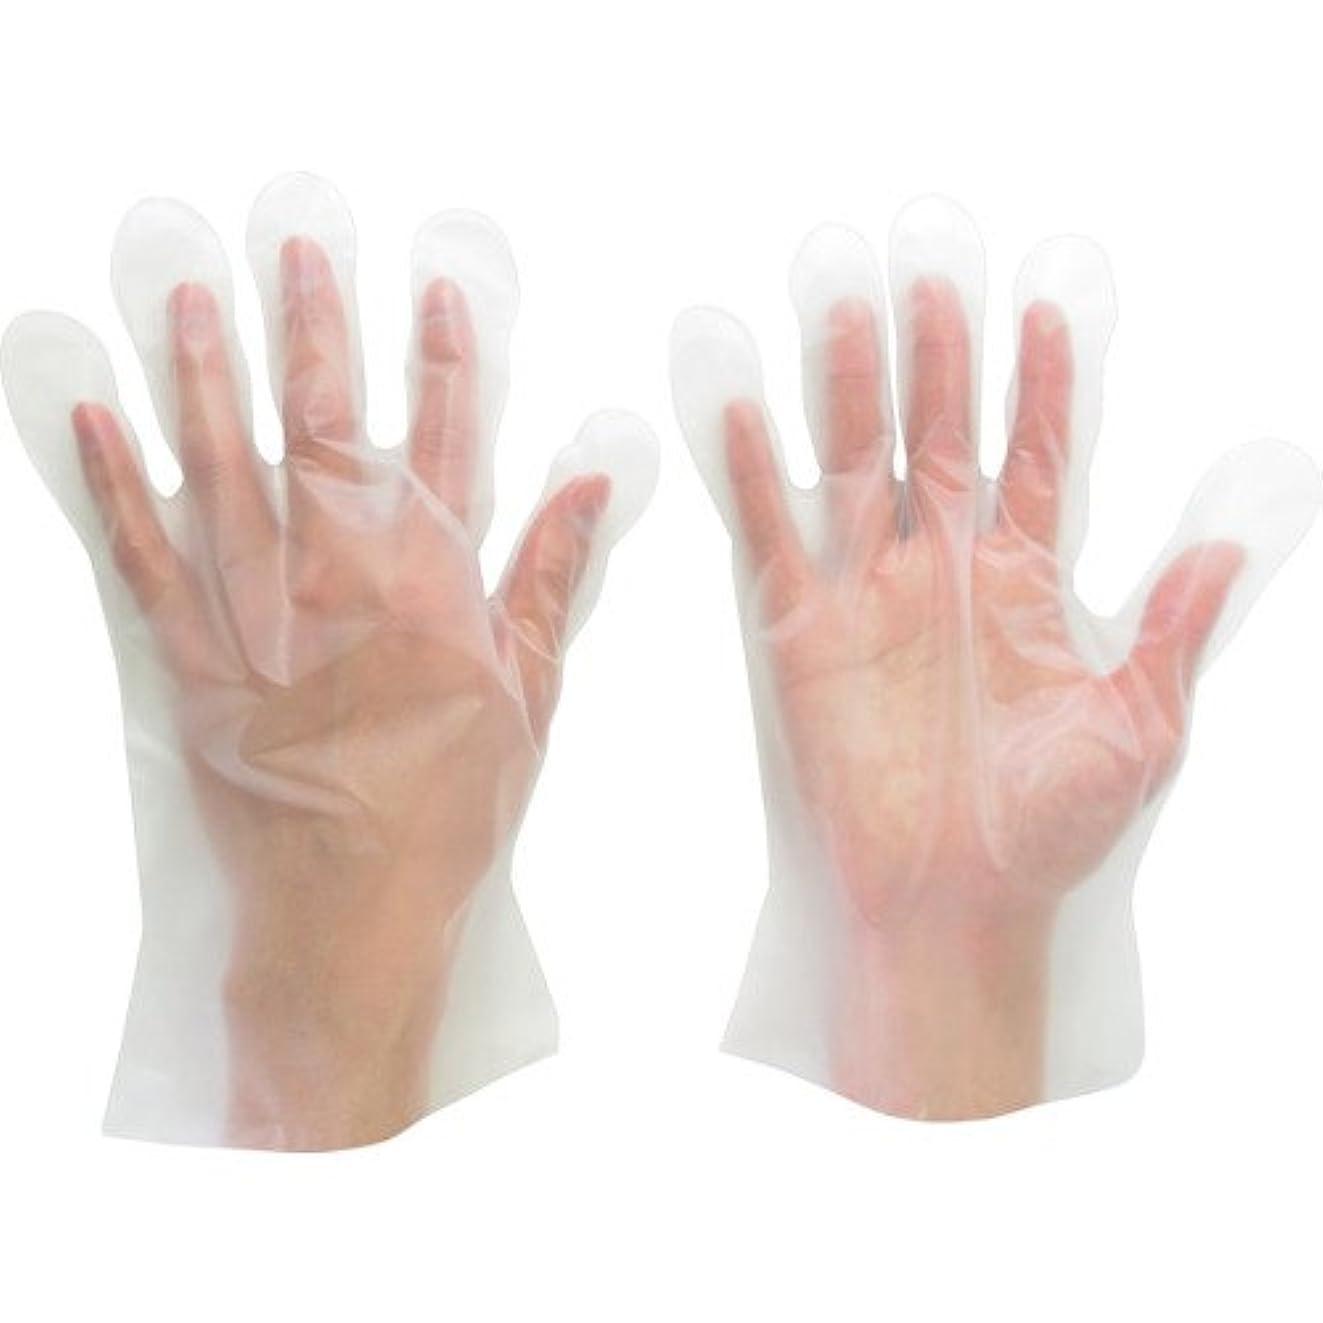 蛾わざわざシンポジウムミドリ安全 ポリエチレンディスポ手袋 ベルテ573 100枚 袋入 M(入数:100枚) VERTE-573-M